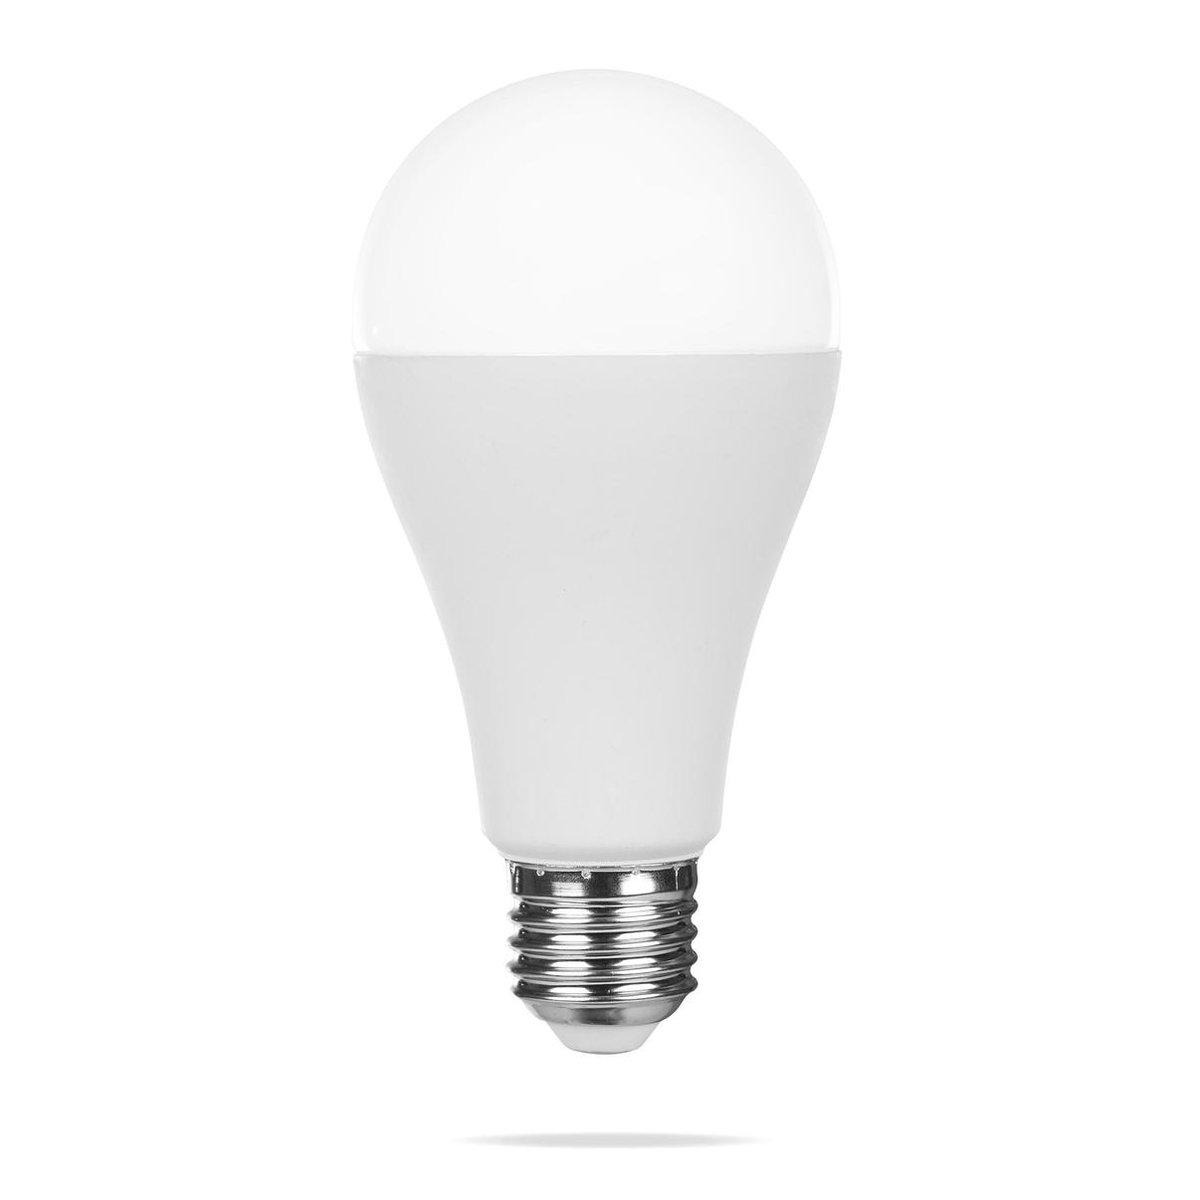 Smartwares 10.051.50 Slimme E27 Kleurlamp - PRO Series - Regelbaar gekleurd licht - Uitbreiding